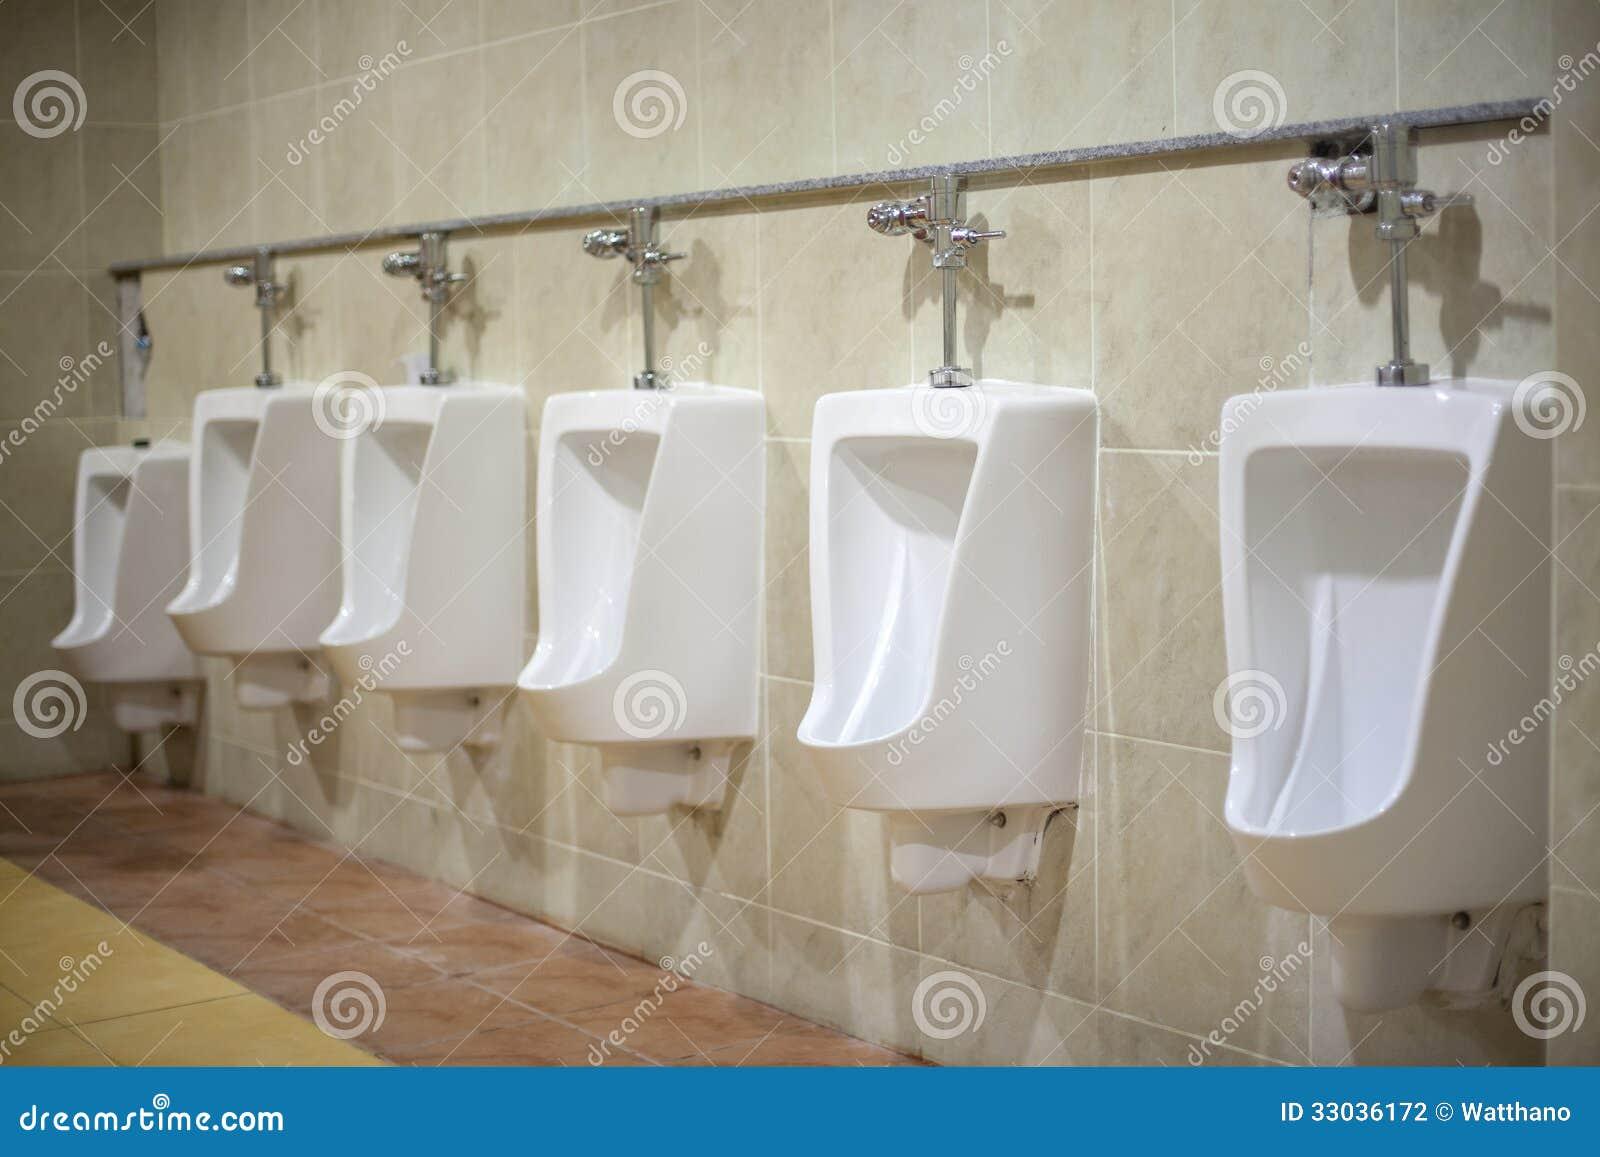 Toilette En Céramique Blanche Fixée Au Mur Dans La Salle De ...